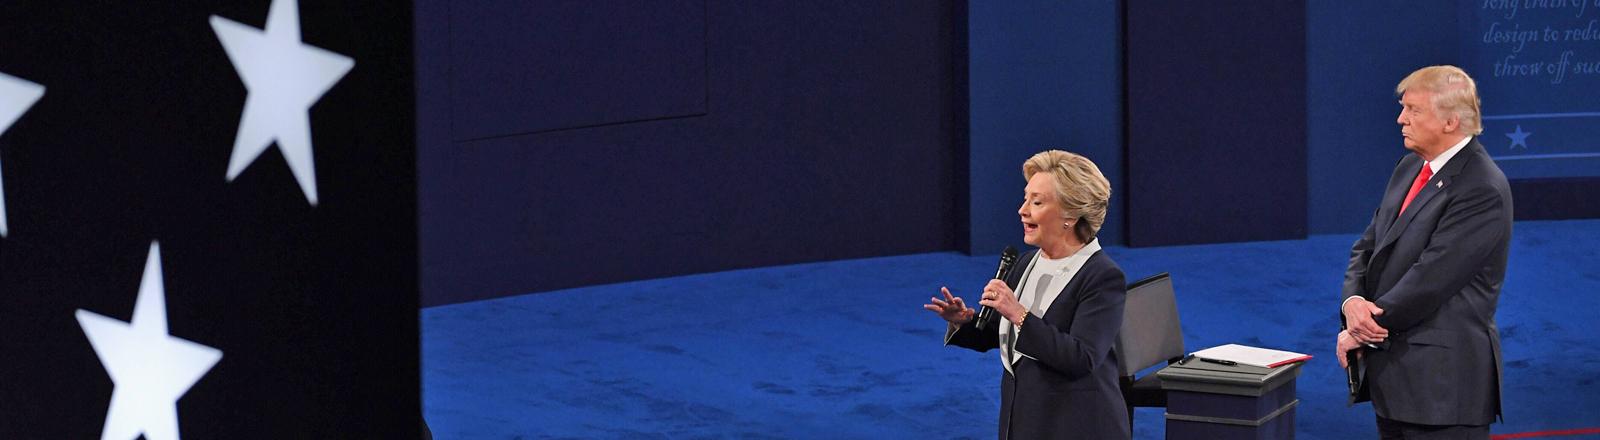 Hillary Clinton und Donald Trump bei der zweiten TV-Debatte am 09.10.2016.